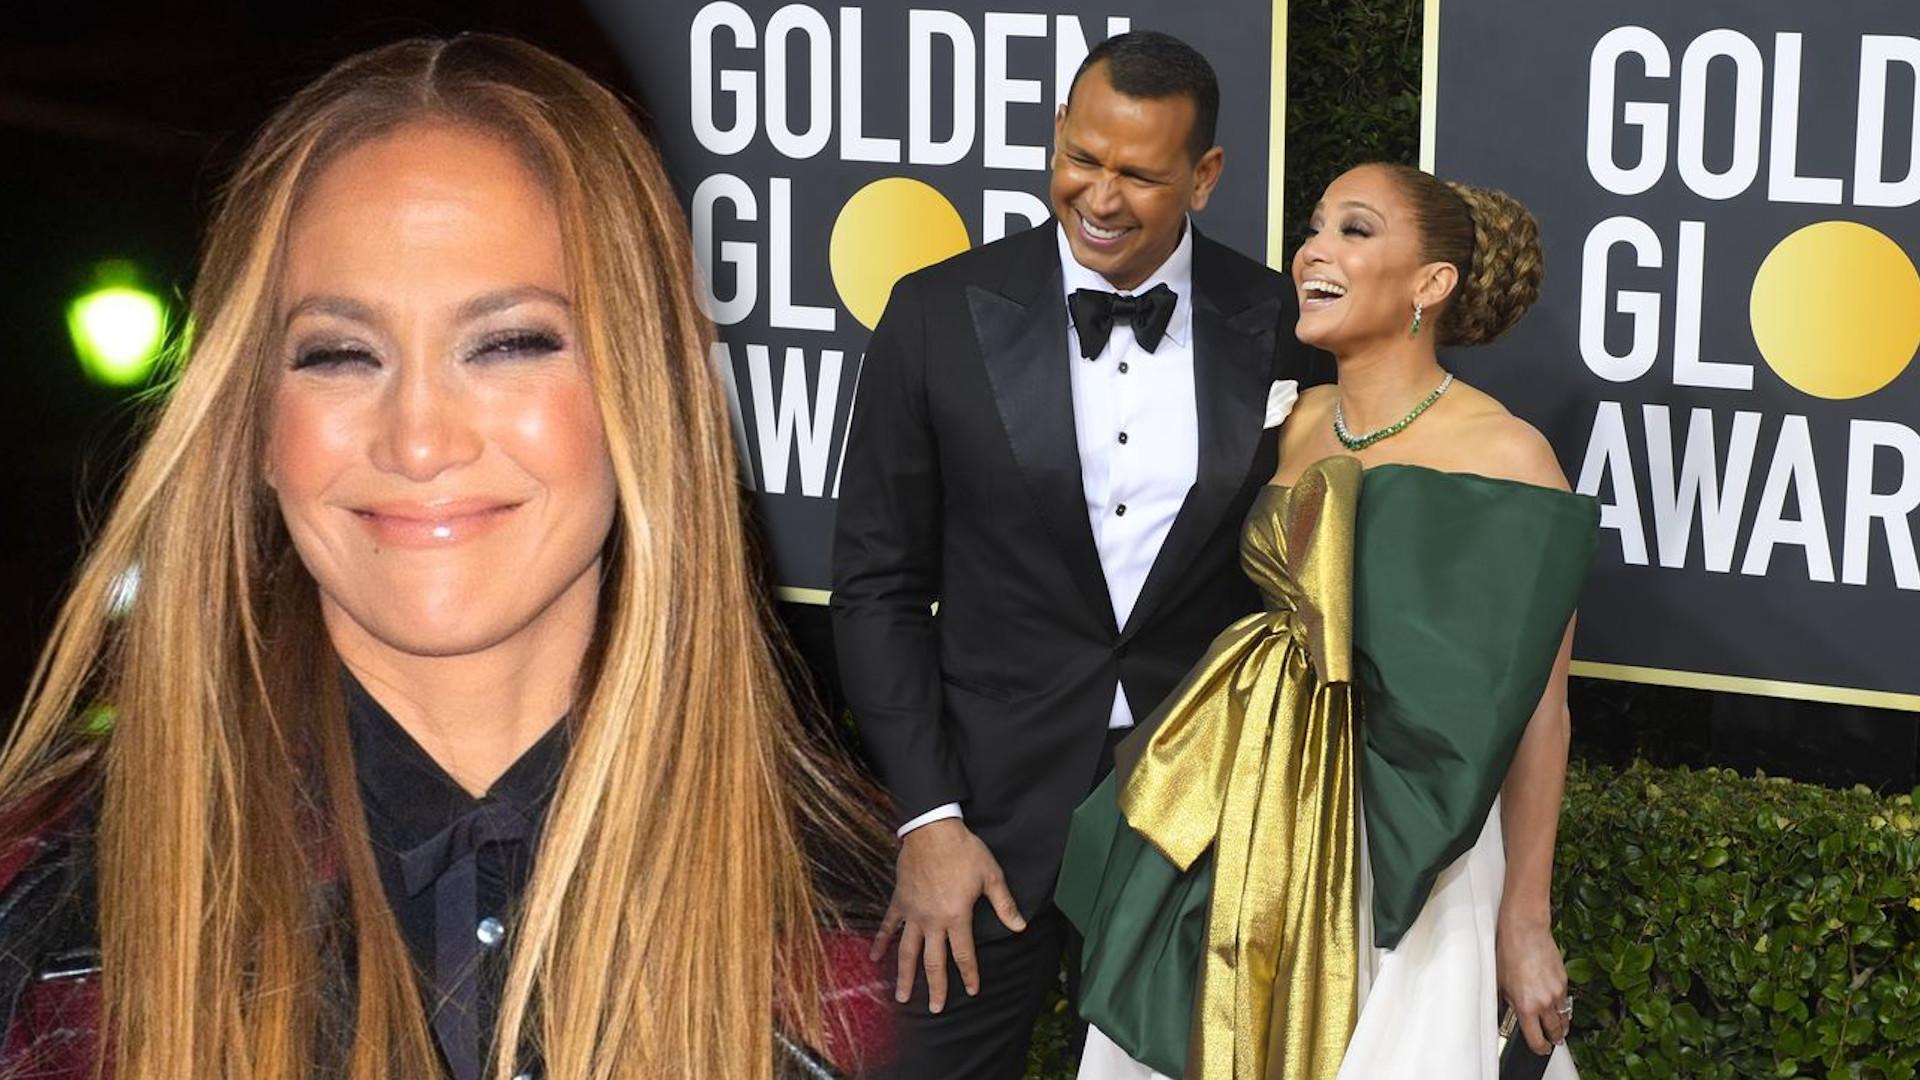 Narzeczony Jennifer Lopez komentuje przegraną gwiazdy na Złotych Globach